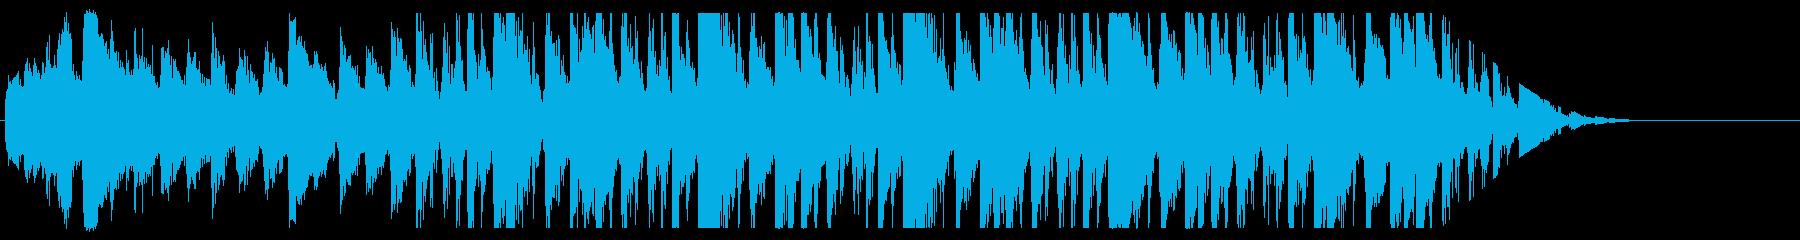 クールなグルーヴ感のあるドラム&ピアノの再生済みの波形